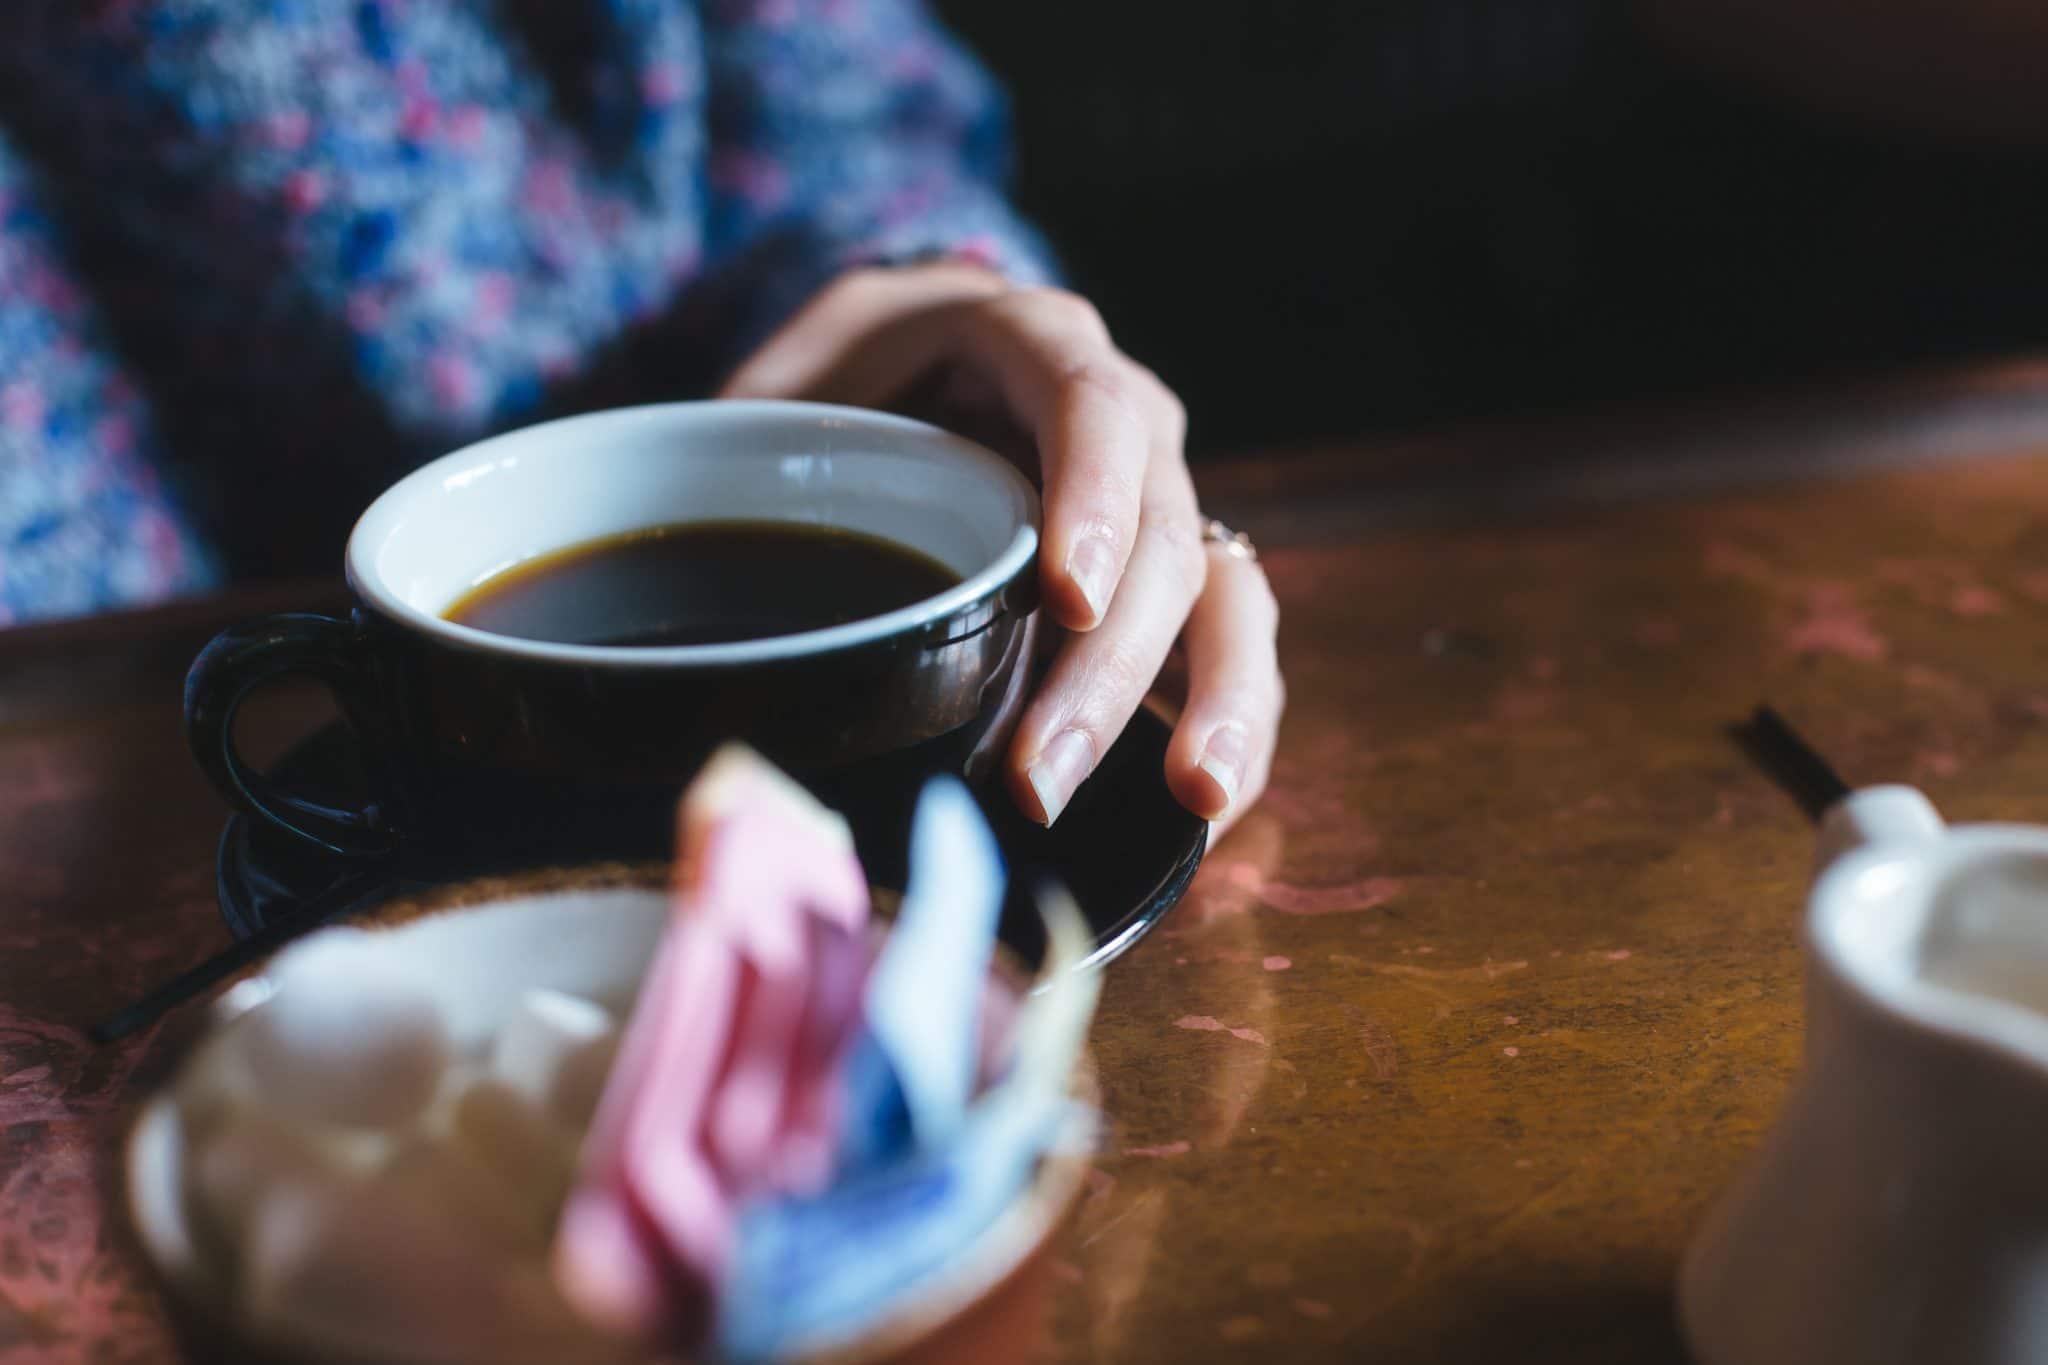 koffiepraat